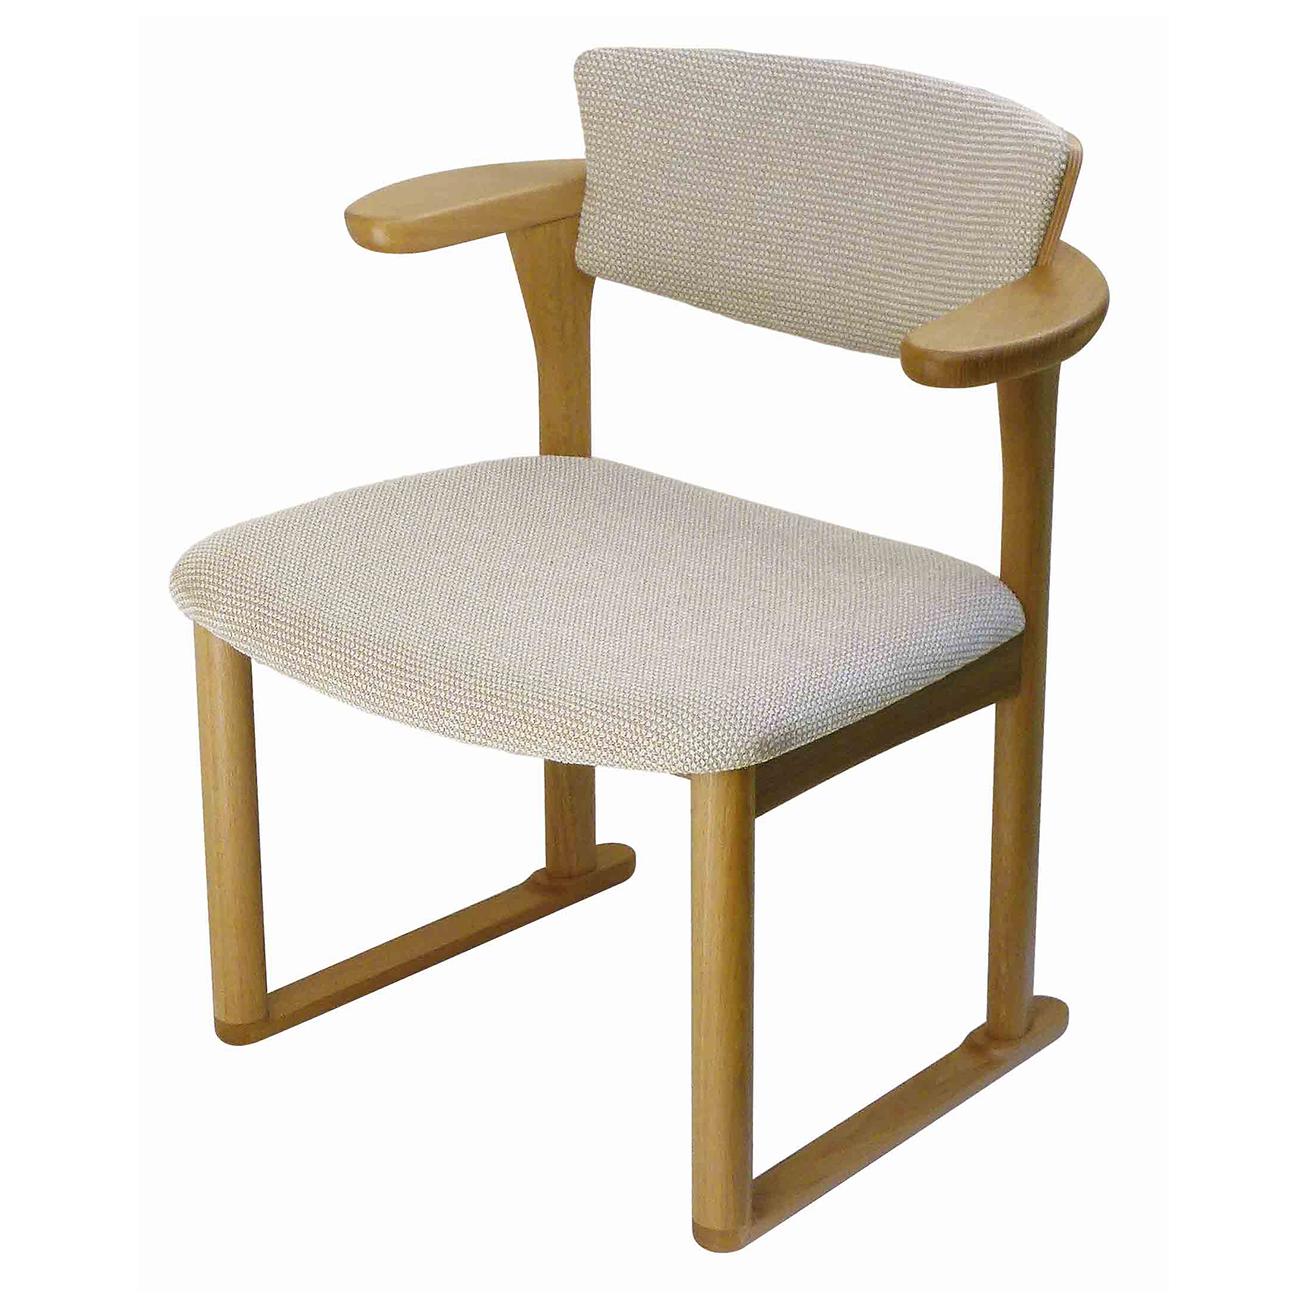 腰の椅子 Awaza LD 中座椅子 オーク:ナラ 座面布張  いのうえアソシエーツ